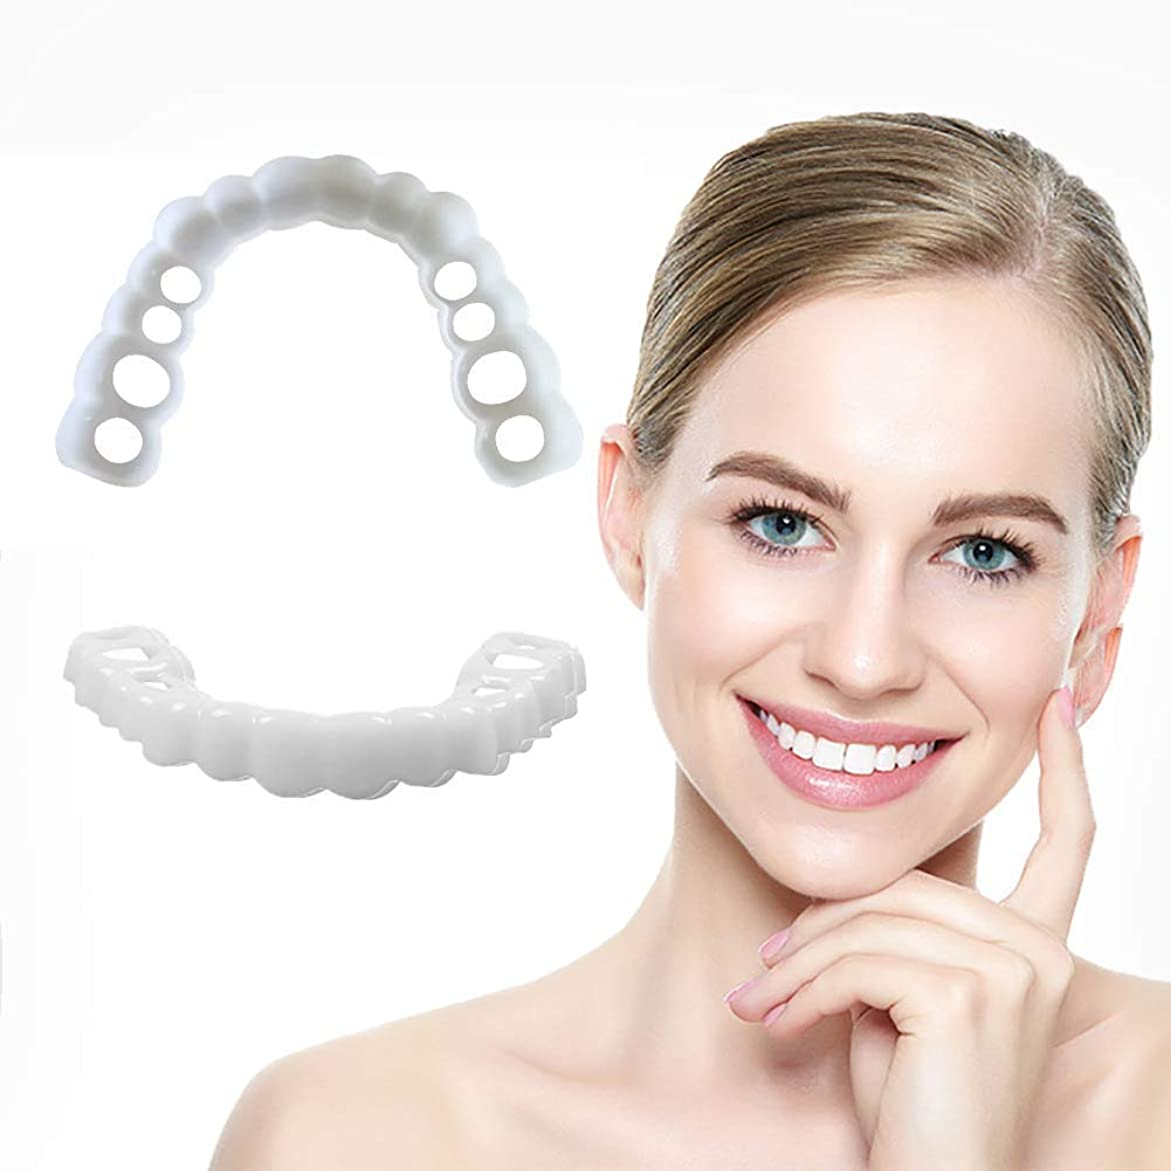 花束呼び起こす遺棄された上歯下歯シミュレーションブレースホワイトニングセット第2世代シリカゲルシミュレーション歯義歯,5Set